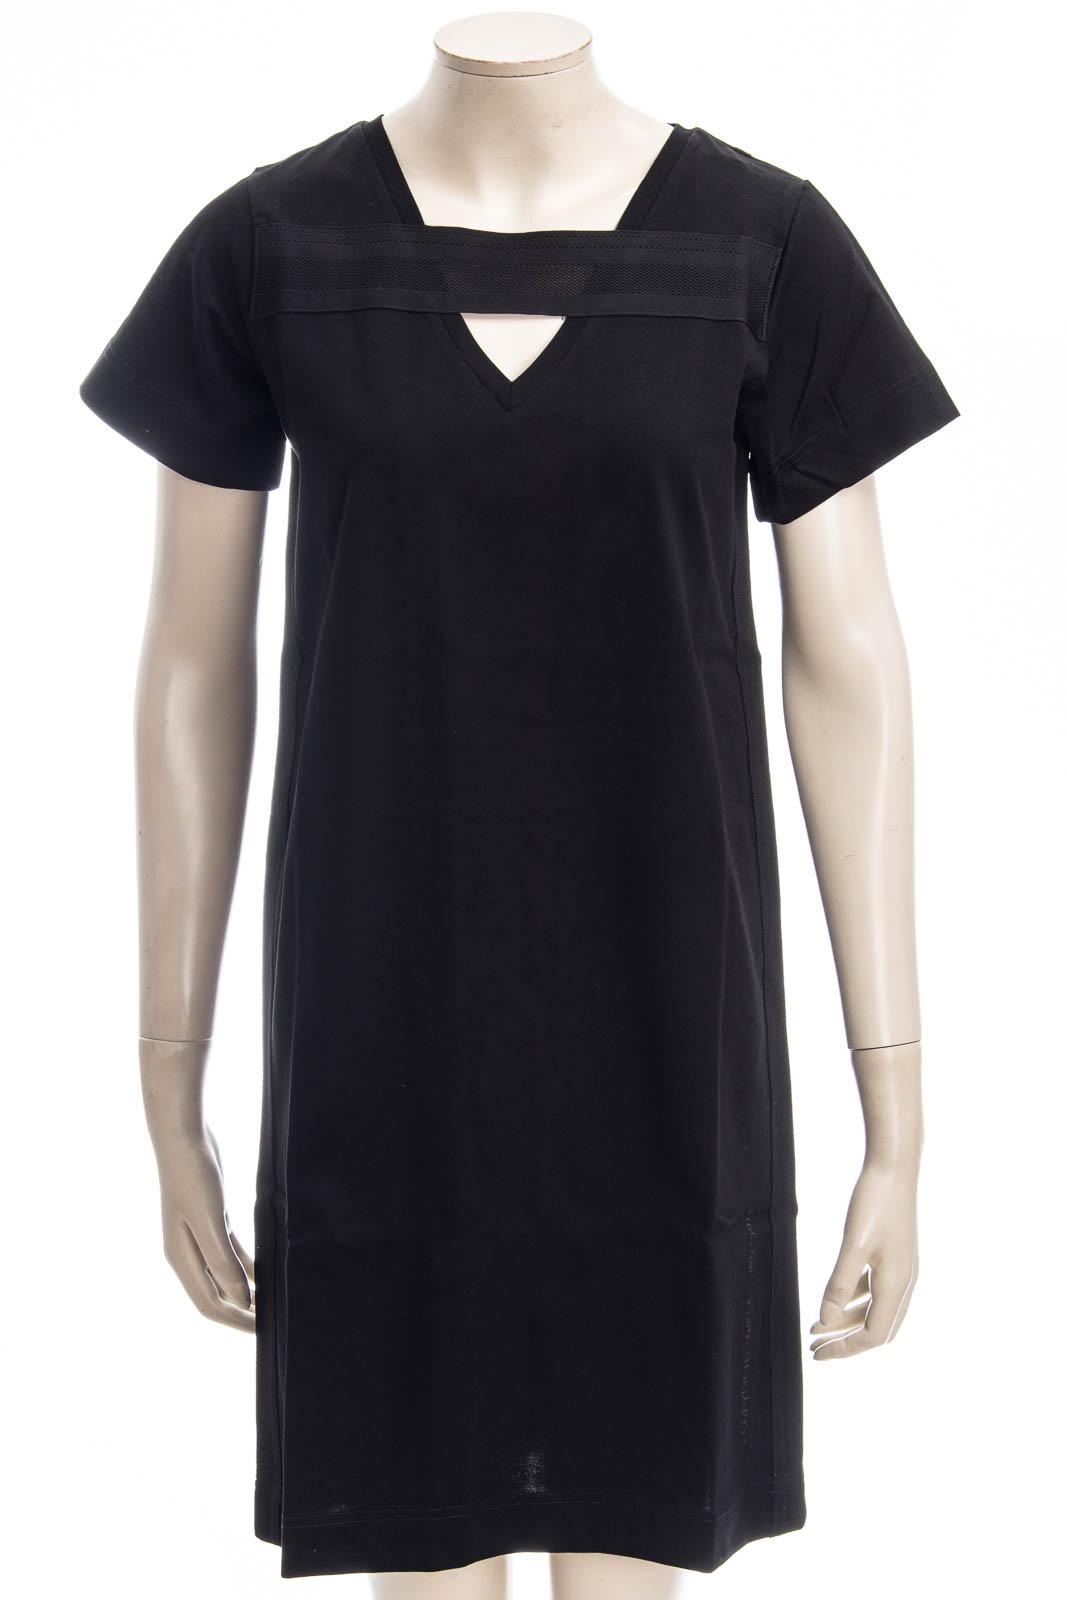 BAUDACH & SCHUSTER | DIESEL Kleid D-STRIPE | online kaufen